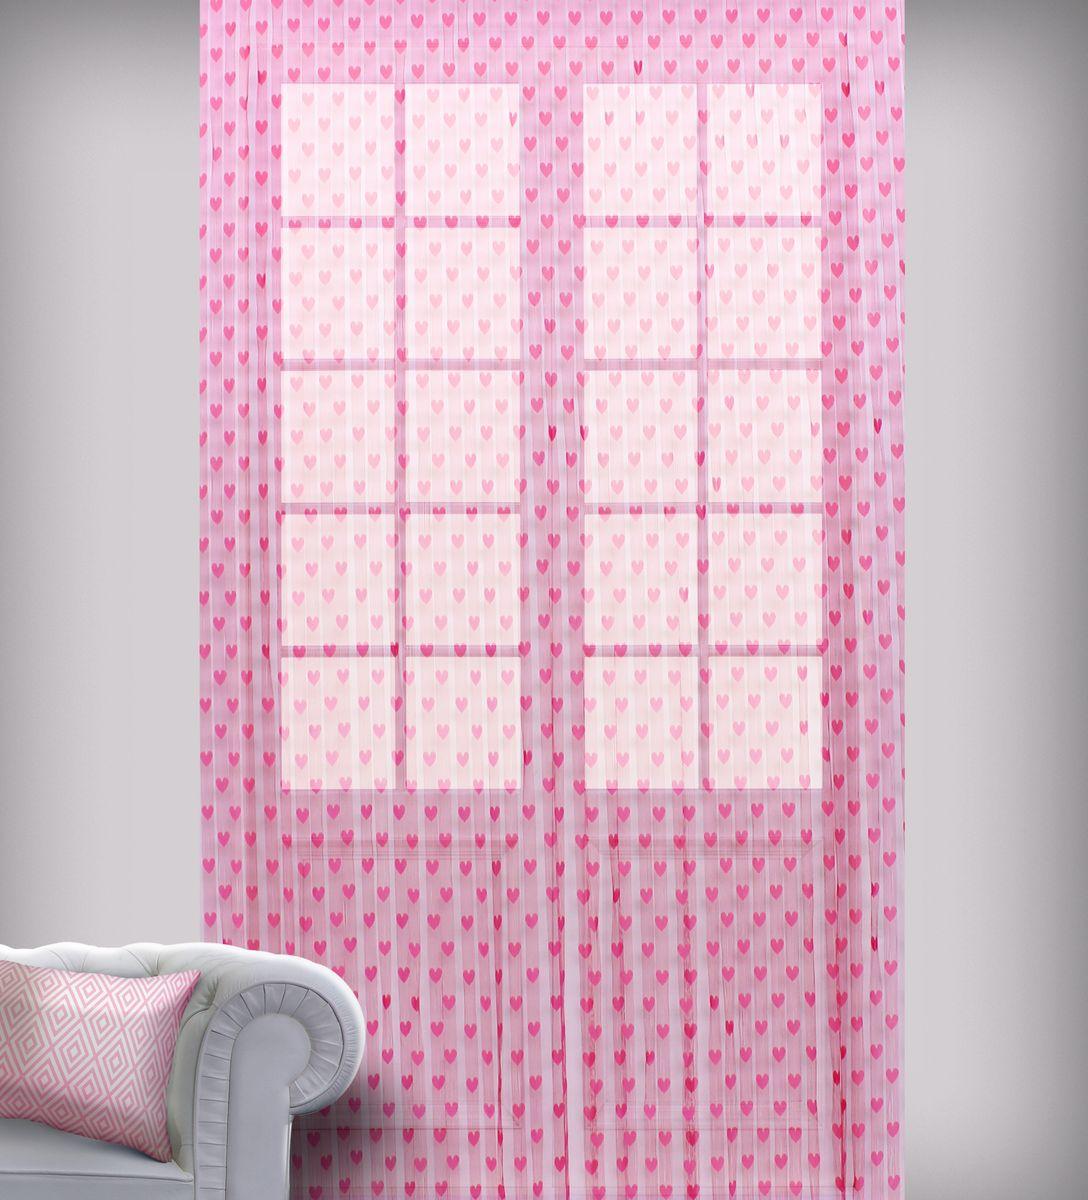 Штора нитяная Sanpa Home Collection, на ленте, цвет: розовый, высота 290 см1004900000360Штора нитяная Sanpa Home Collection, выполненная из текстиля, подходит как для зонирования пространства, так и для декорации окна, как самостоятельное решение или дополнение к шторам. Такая штора великолепно дополнит интерьер вашего дома и станет отличным дизайнерским решением.